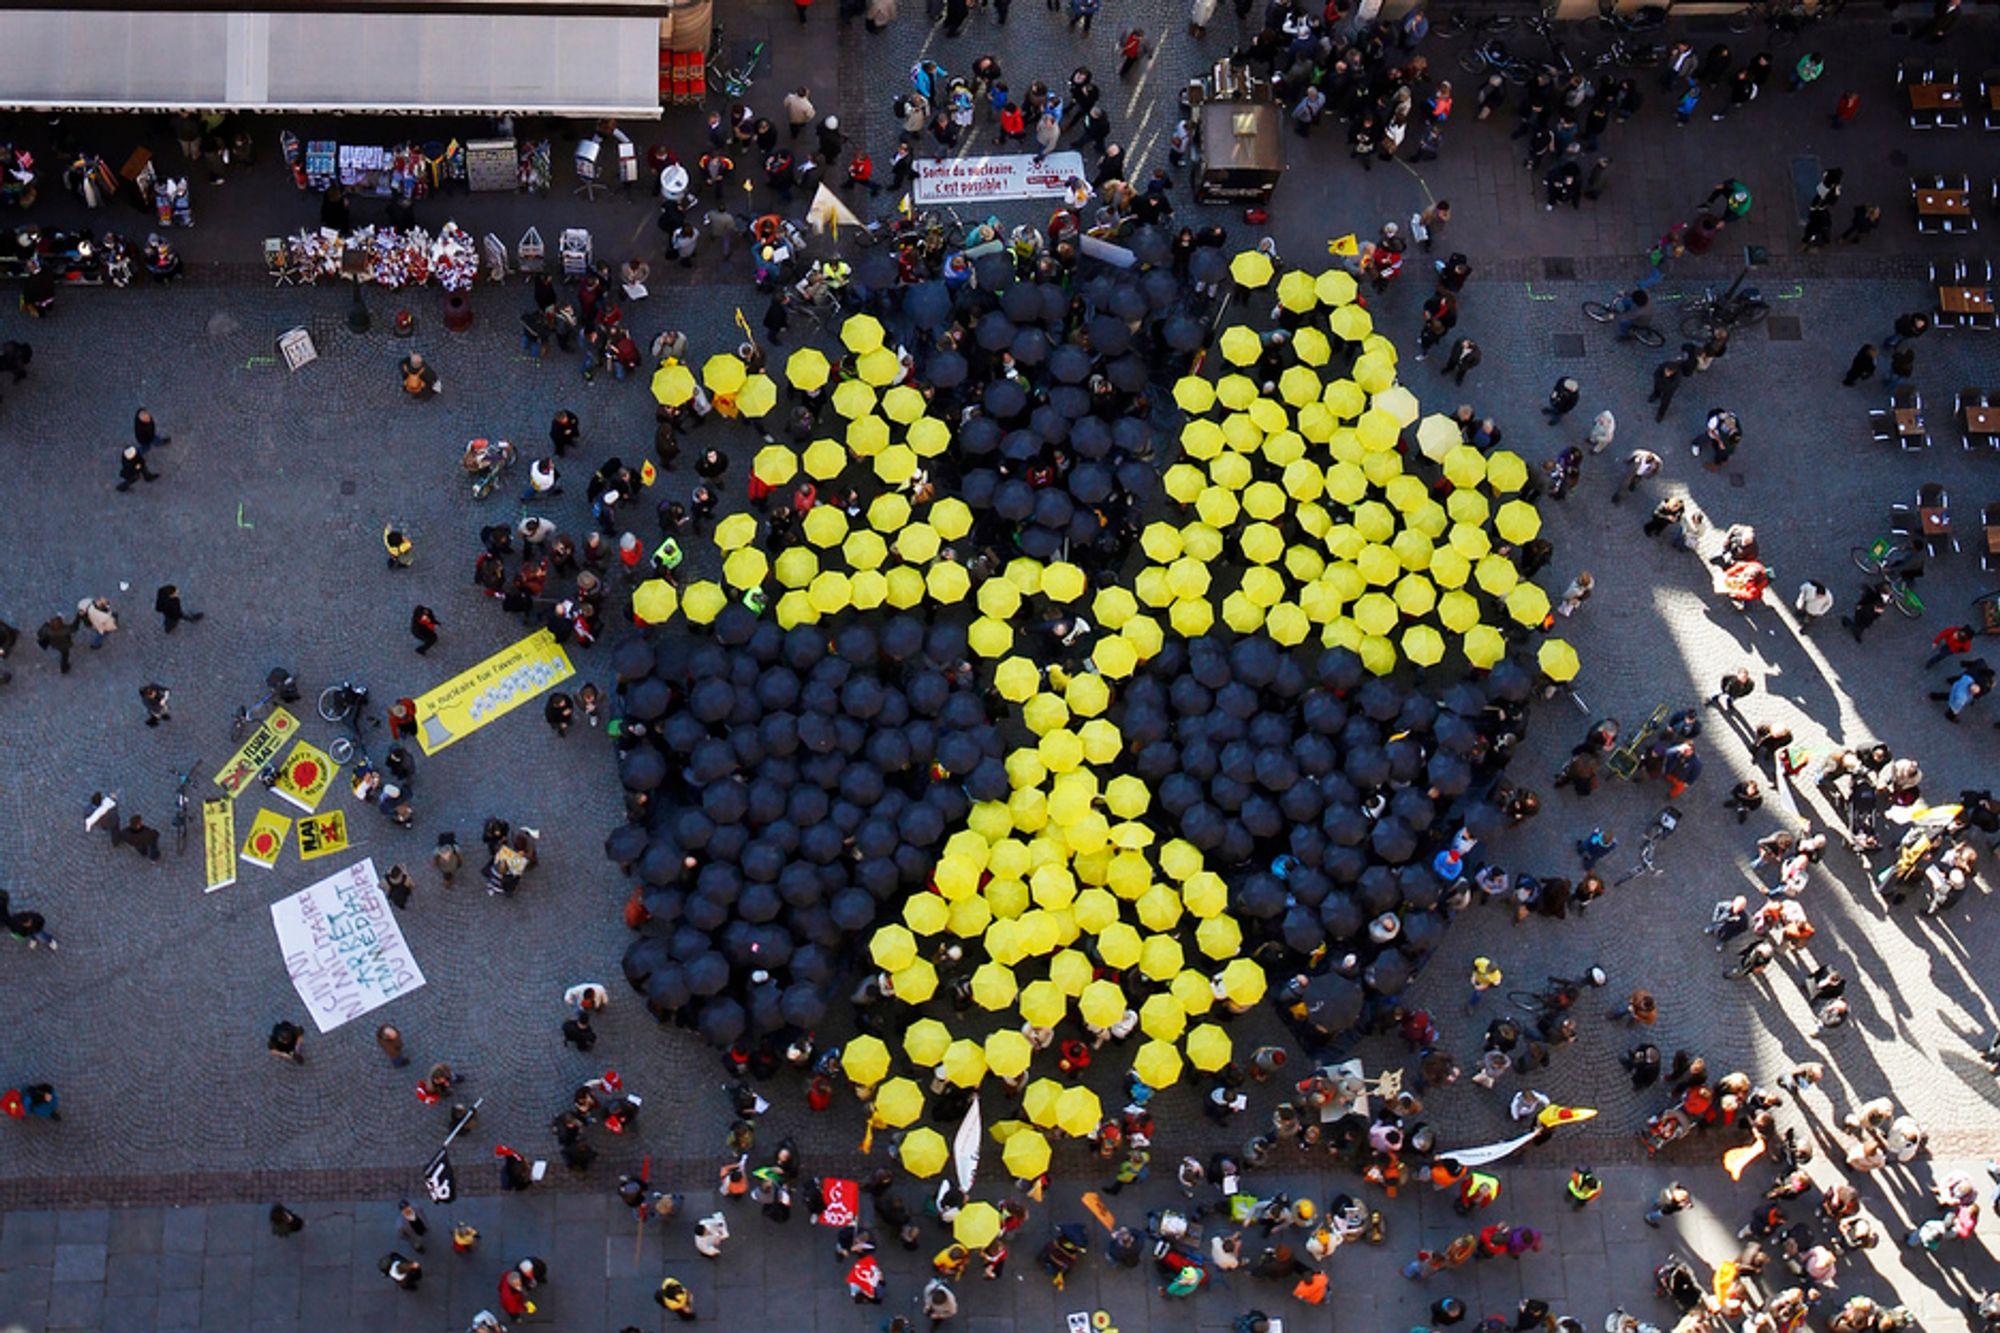 Atomkraft er avgjørende for å møte energibehovet i verden, mener IEA. Her fra en demonstrasjon mot kjernekraft i Strasbourg i oktober.